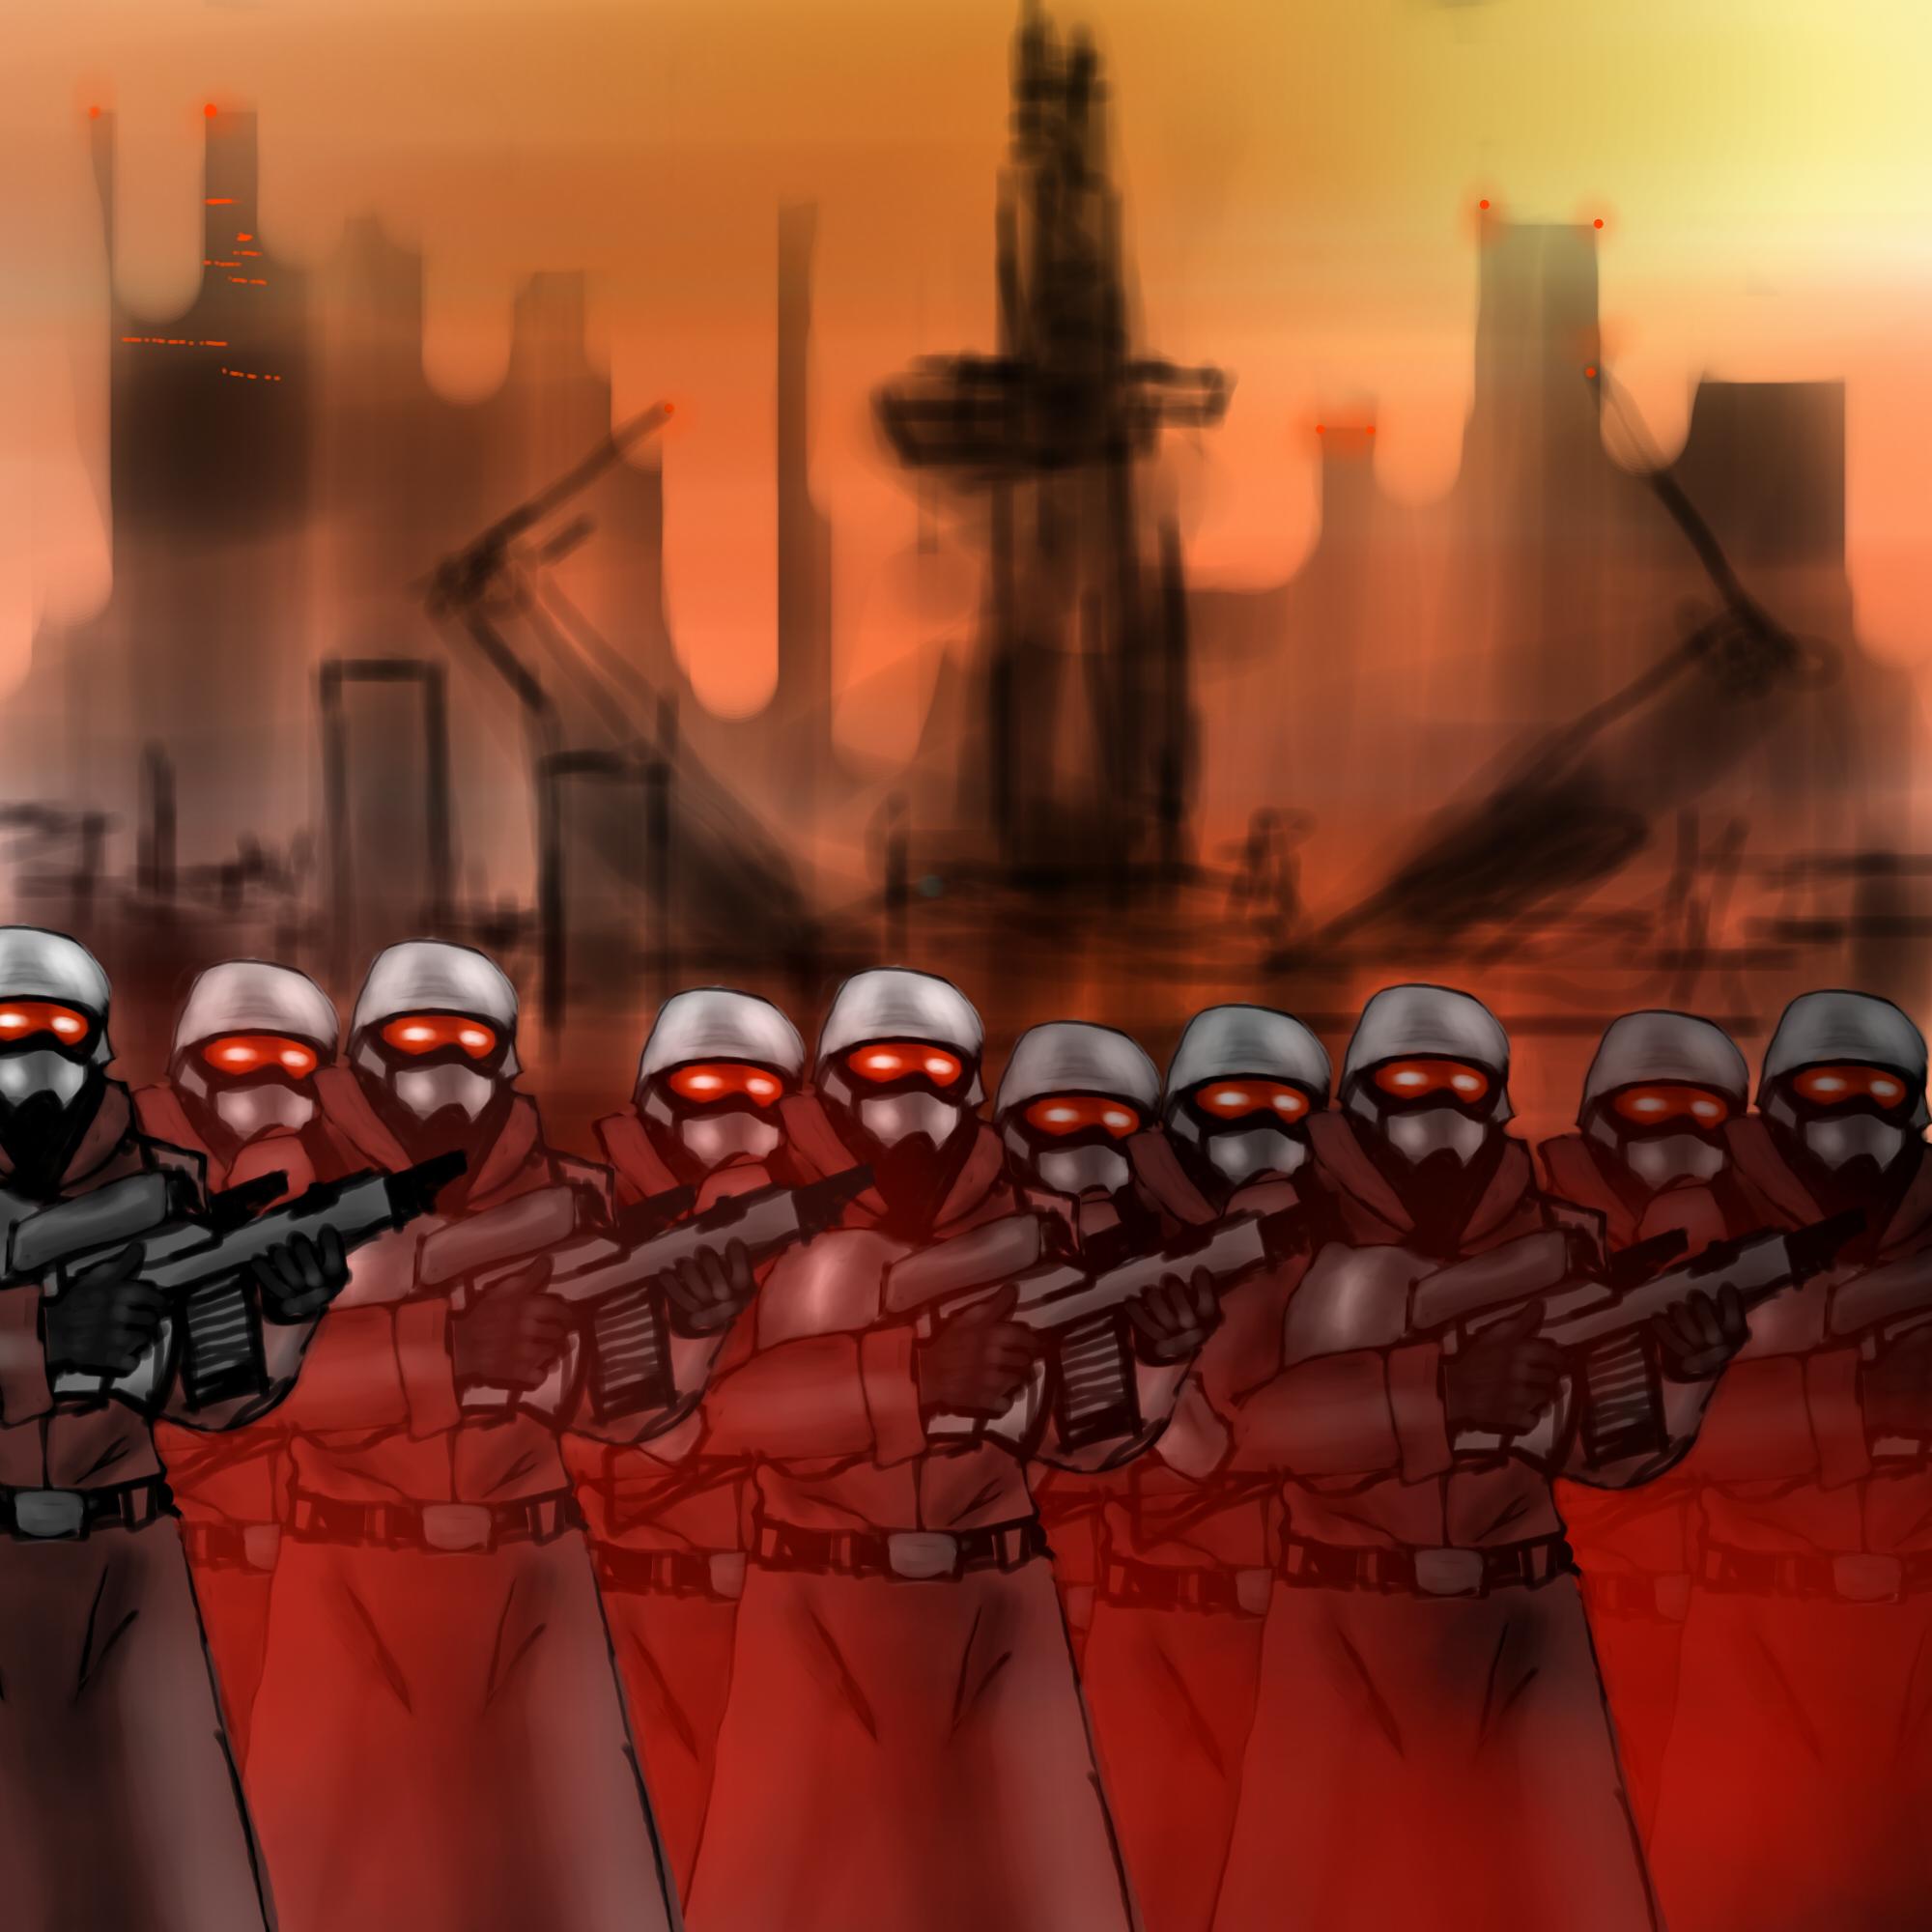 http://art.ngfiles.com/images/291000/291496_bologen111_russian-empire-conscript.jpg